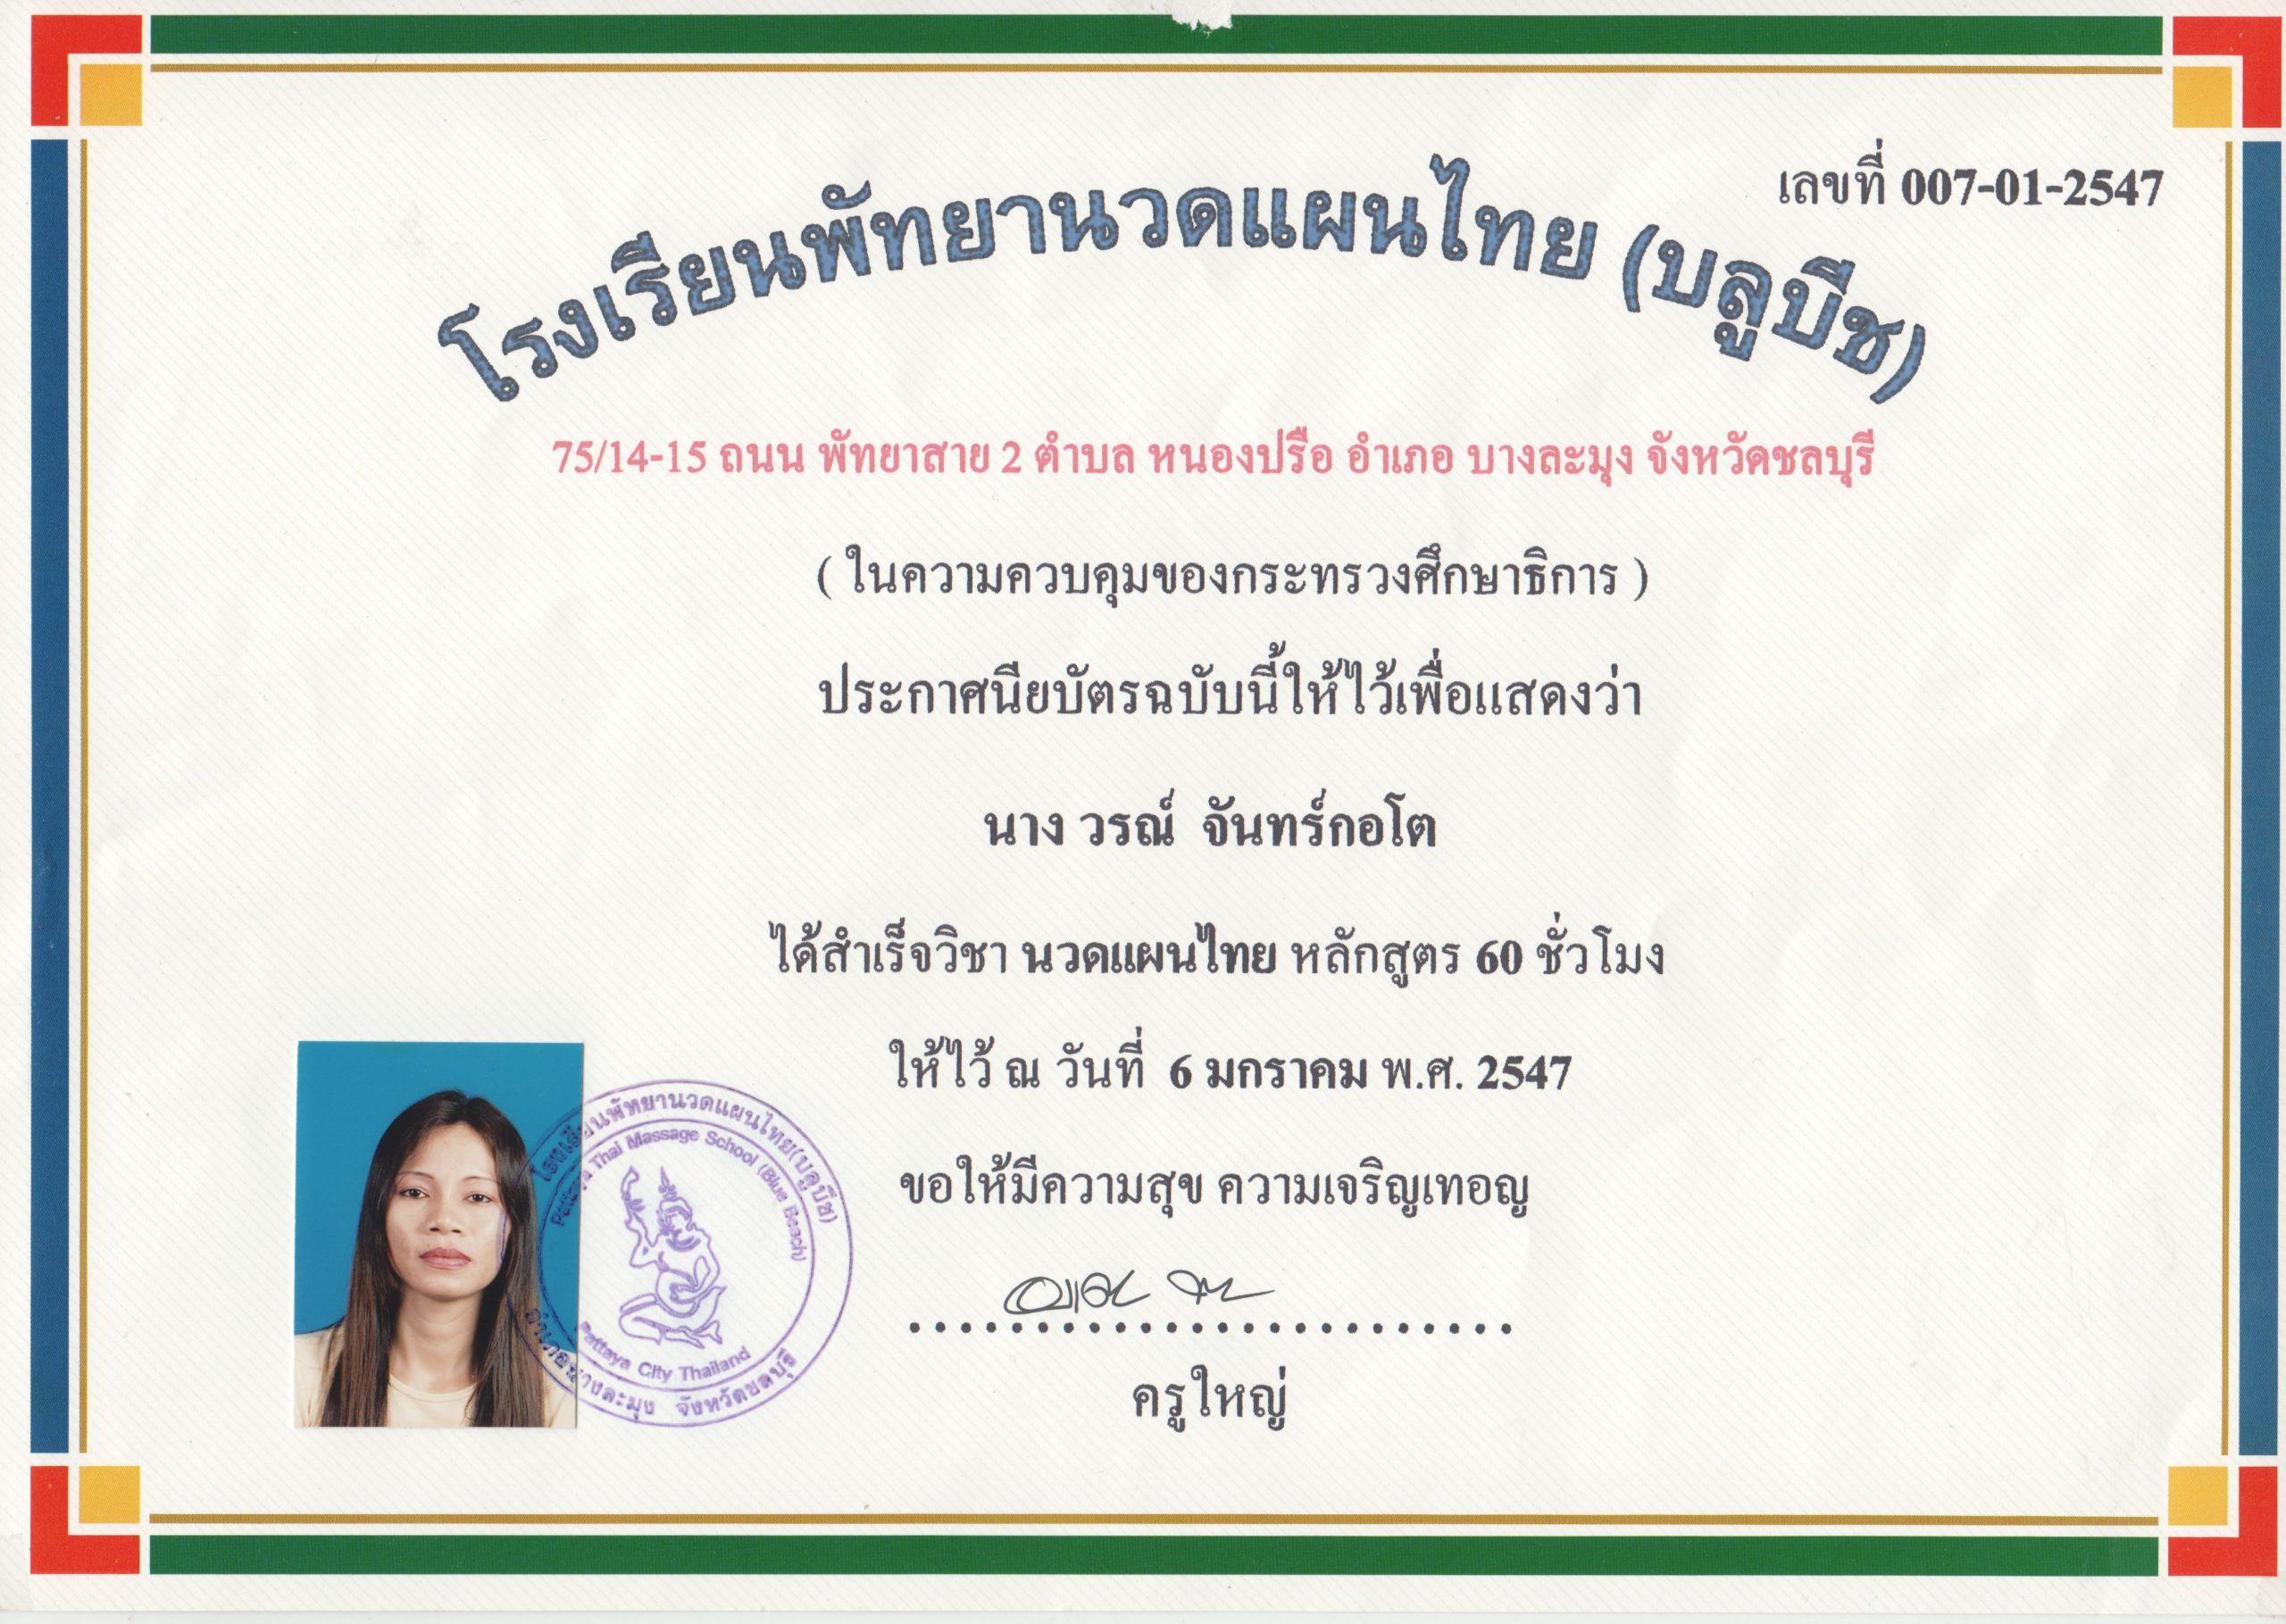 Saegdee-Thai-Massage-Zertifikate2